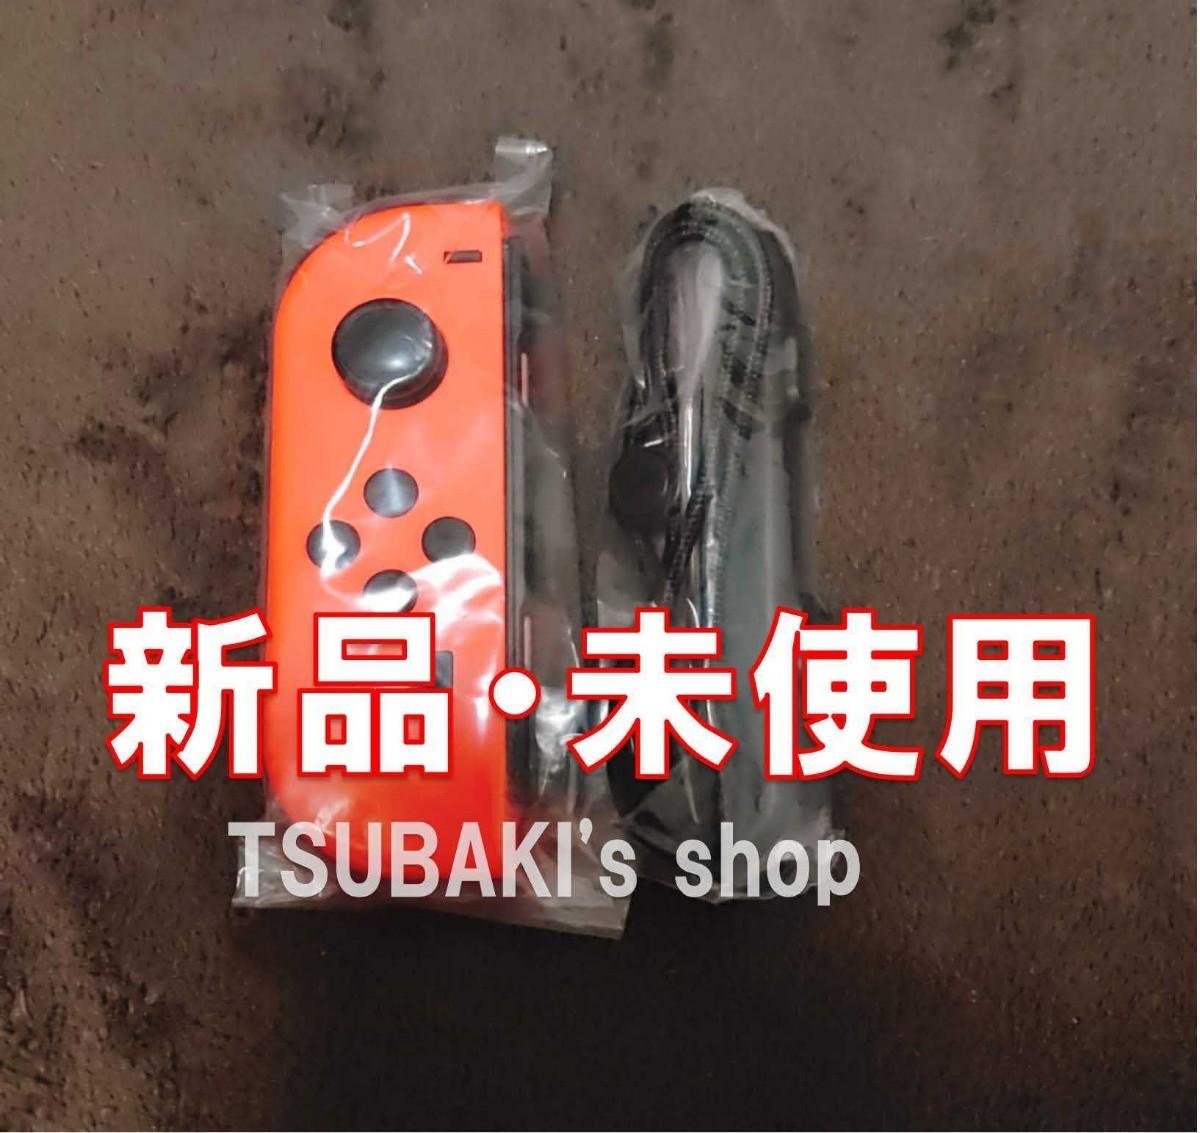 ジョイコン ネオンレッド 左 Switch スイッチ Joy-Con (L)